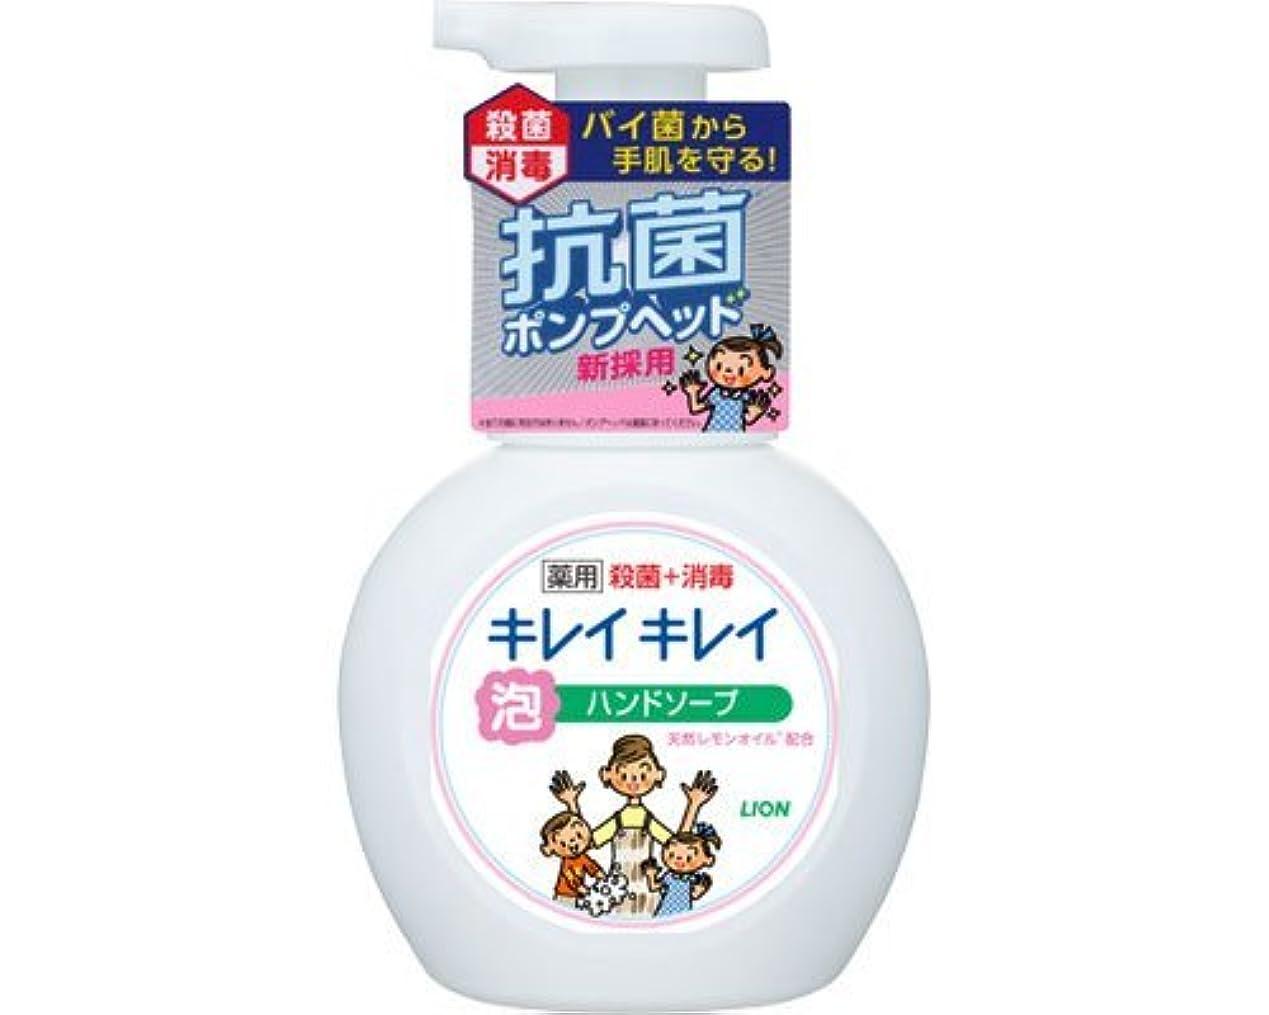 ひらめき崩壊ひらめきキレイキレイ薬用泡ハンドソープ 250mLポンプ (ライオン) (手指洗浄)